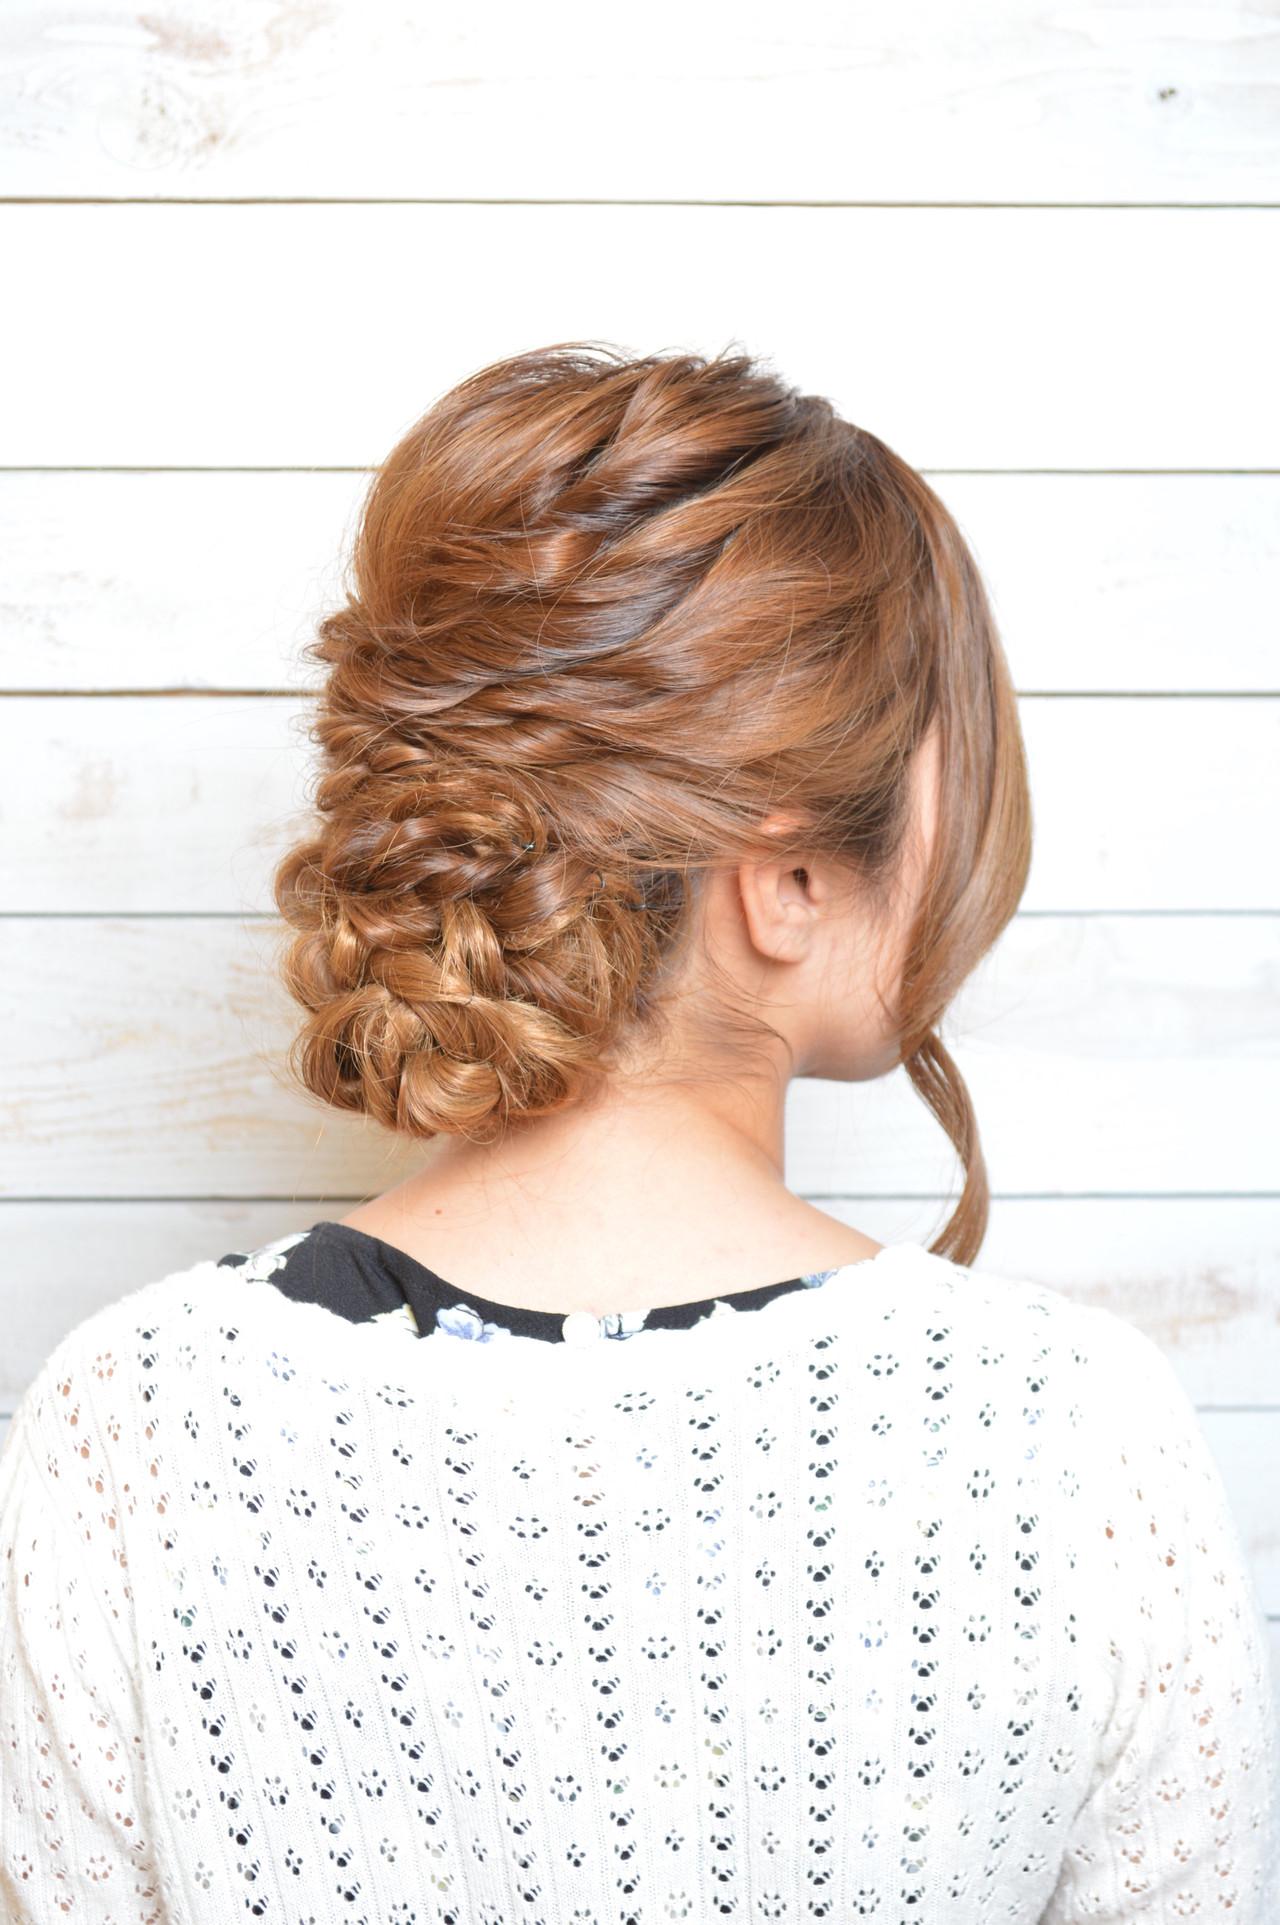 ねじり アップスタイル ヘアアレンジ ニュアンス ヘアスタイルや髪型の写真・画像